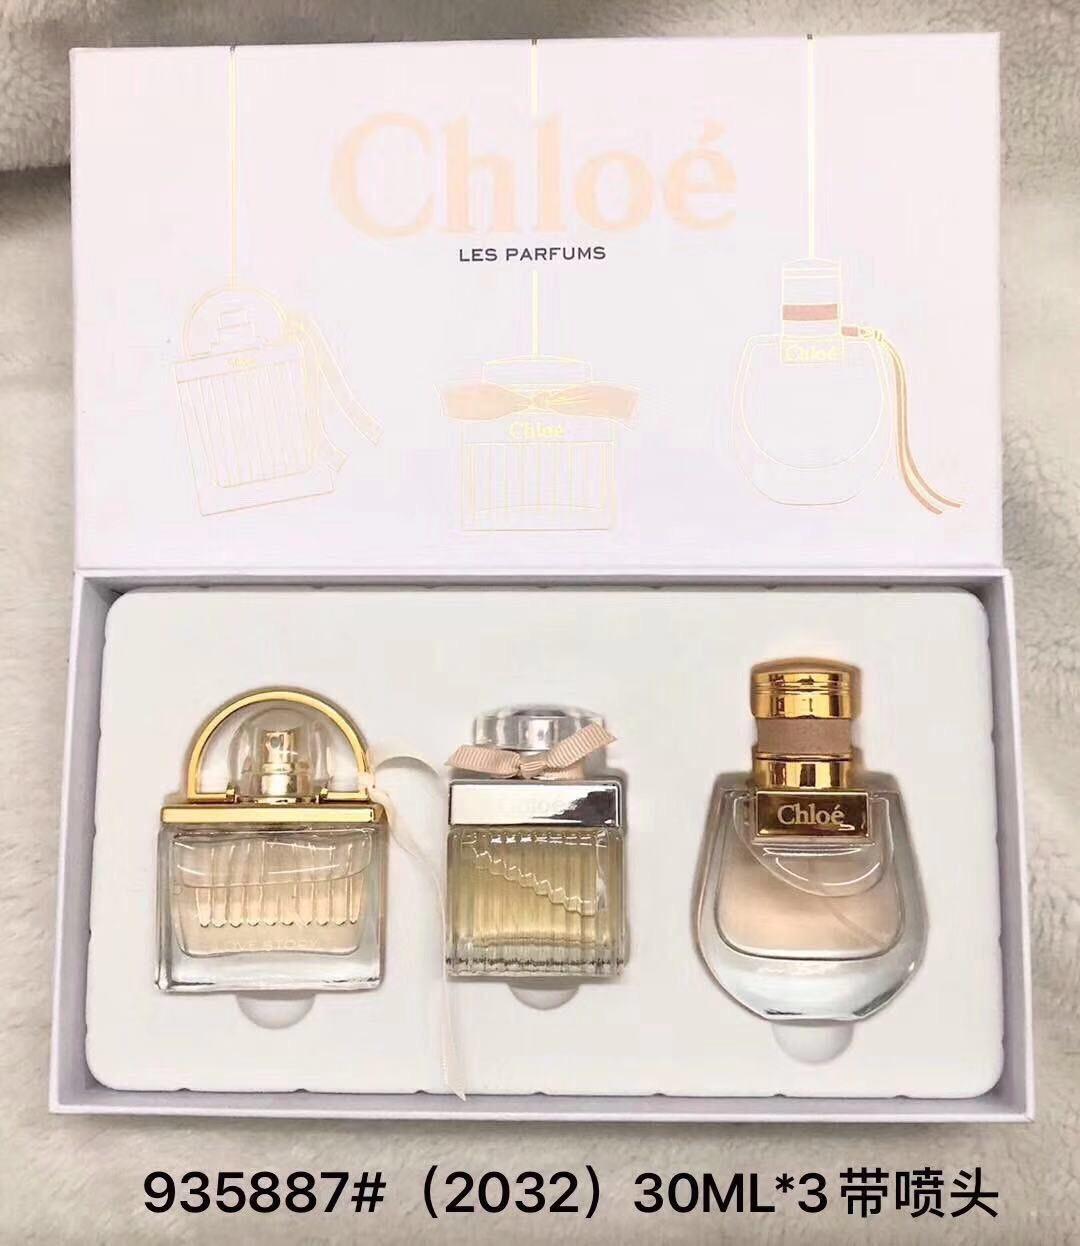 น้ำหอมเทสเตอร์หัวฉีด Chloe Collection tester set กิ๊ฟเซ็ท 30ml.×3ชิ้นแพคกล่องของขวัญสวยหรู